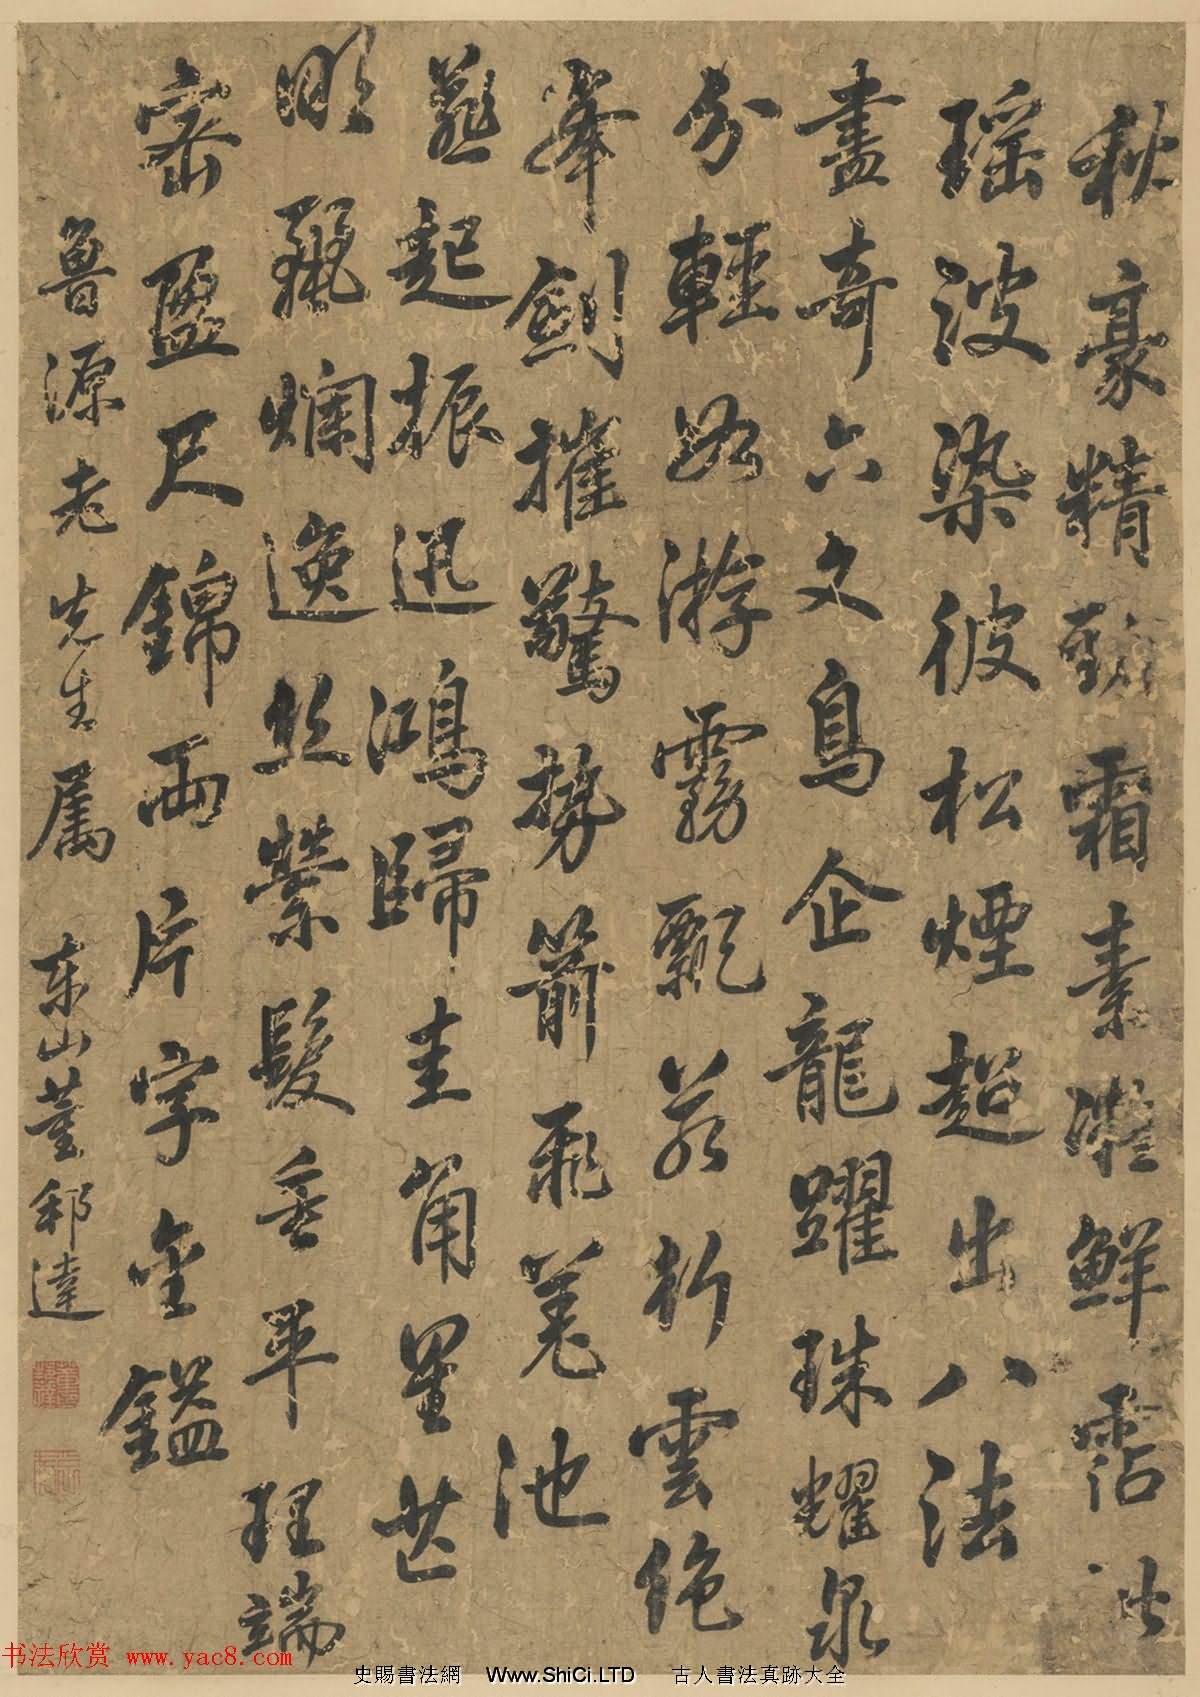 清代工部尚書董邦達書法墨跡(共4張圖片)